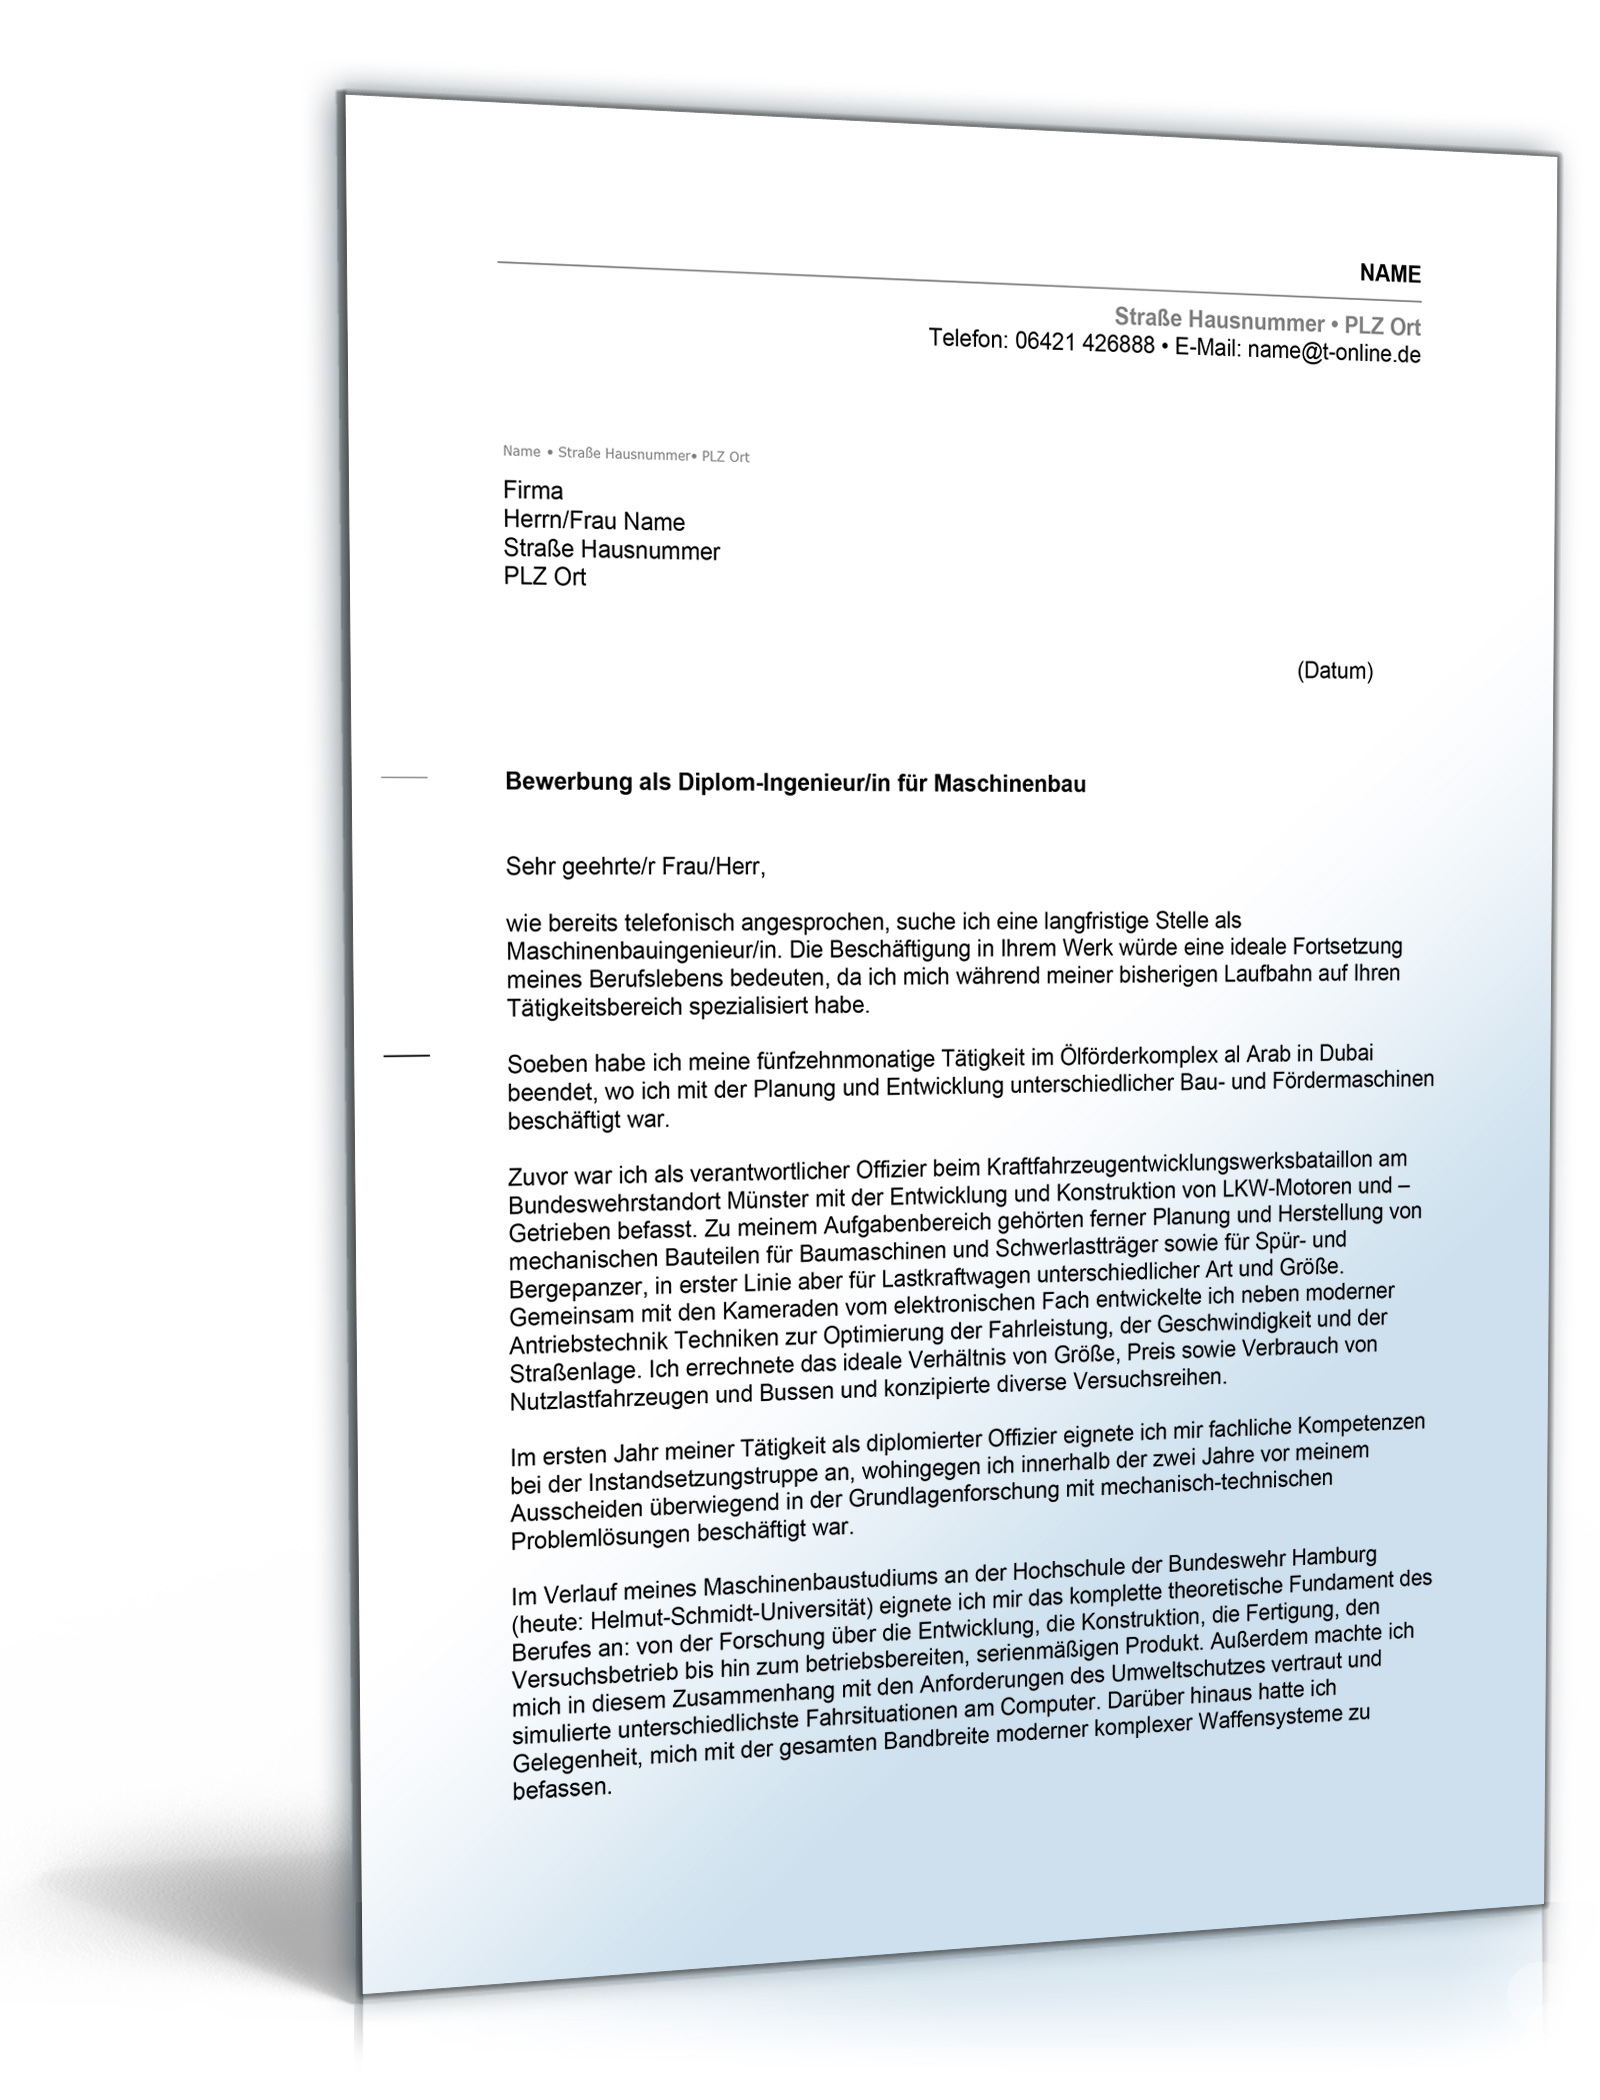 Anschreiben Bewerbung Arbeitsplatz (Bundeswehr Absolvent mit